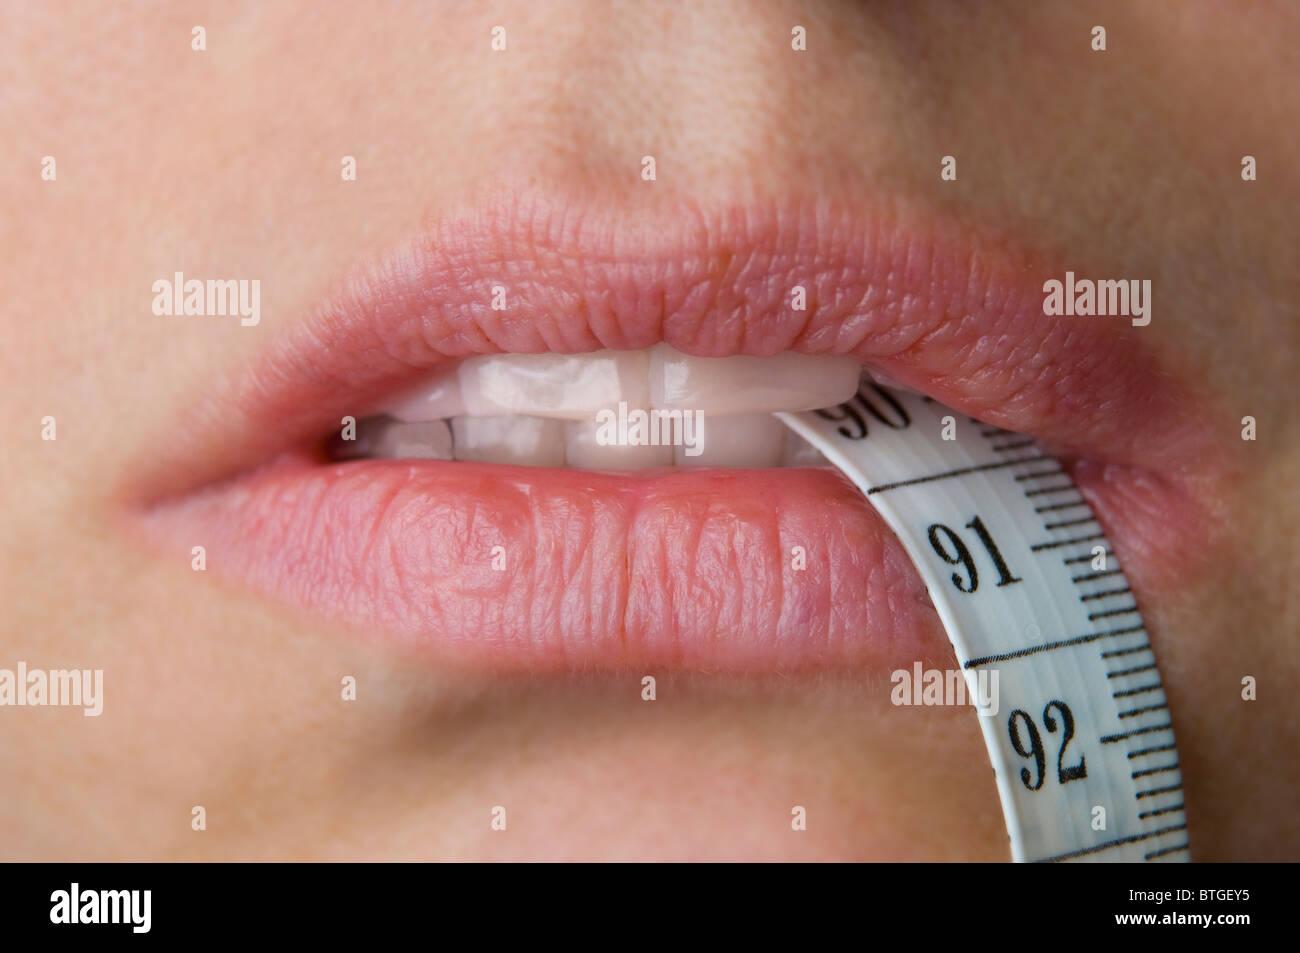 Bouche de femme avec ruban de mesure indiquant la perte ou le gain de poids Photo Stock